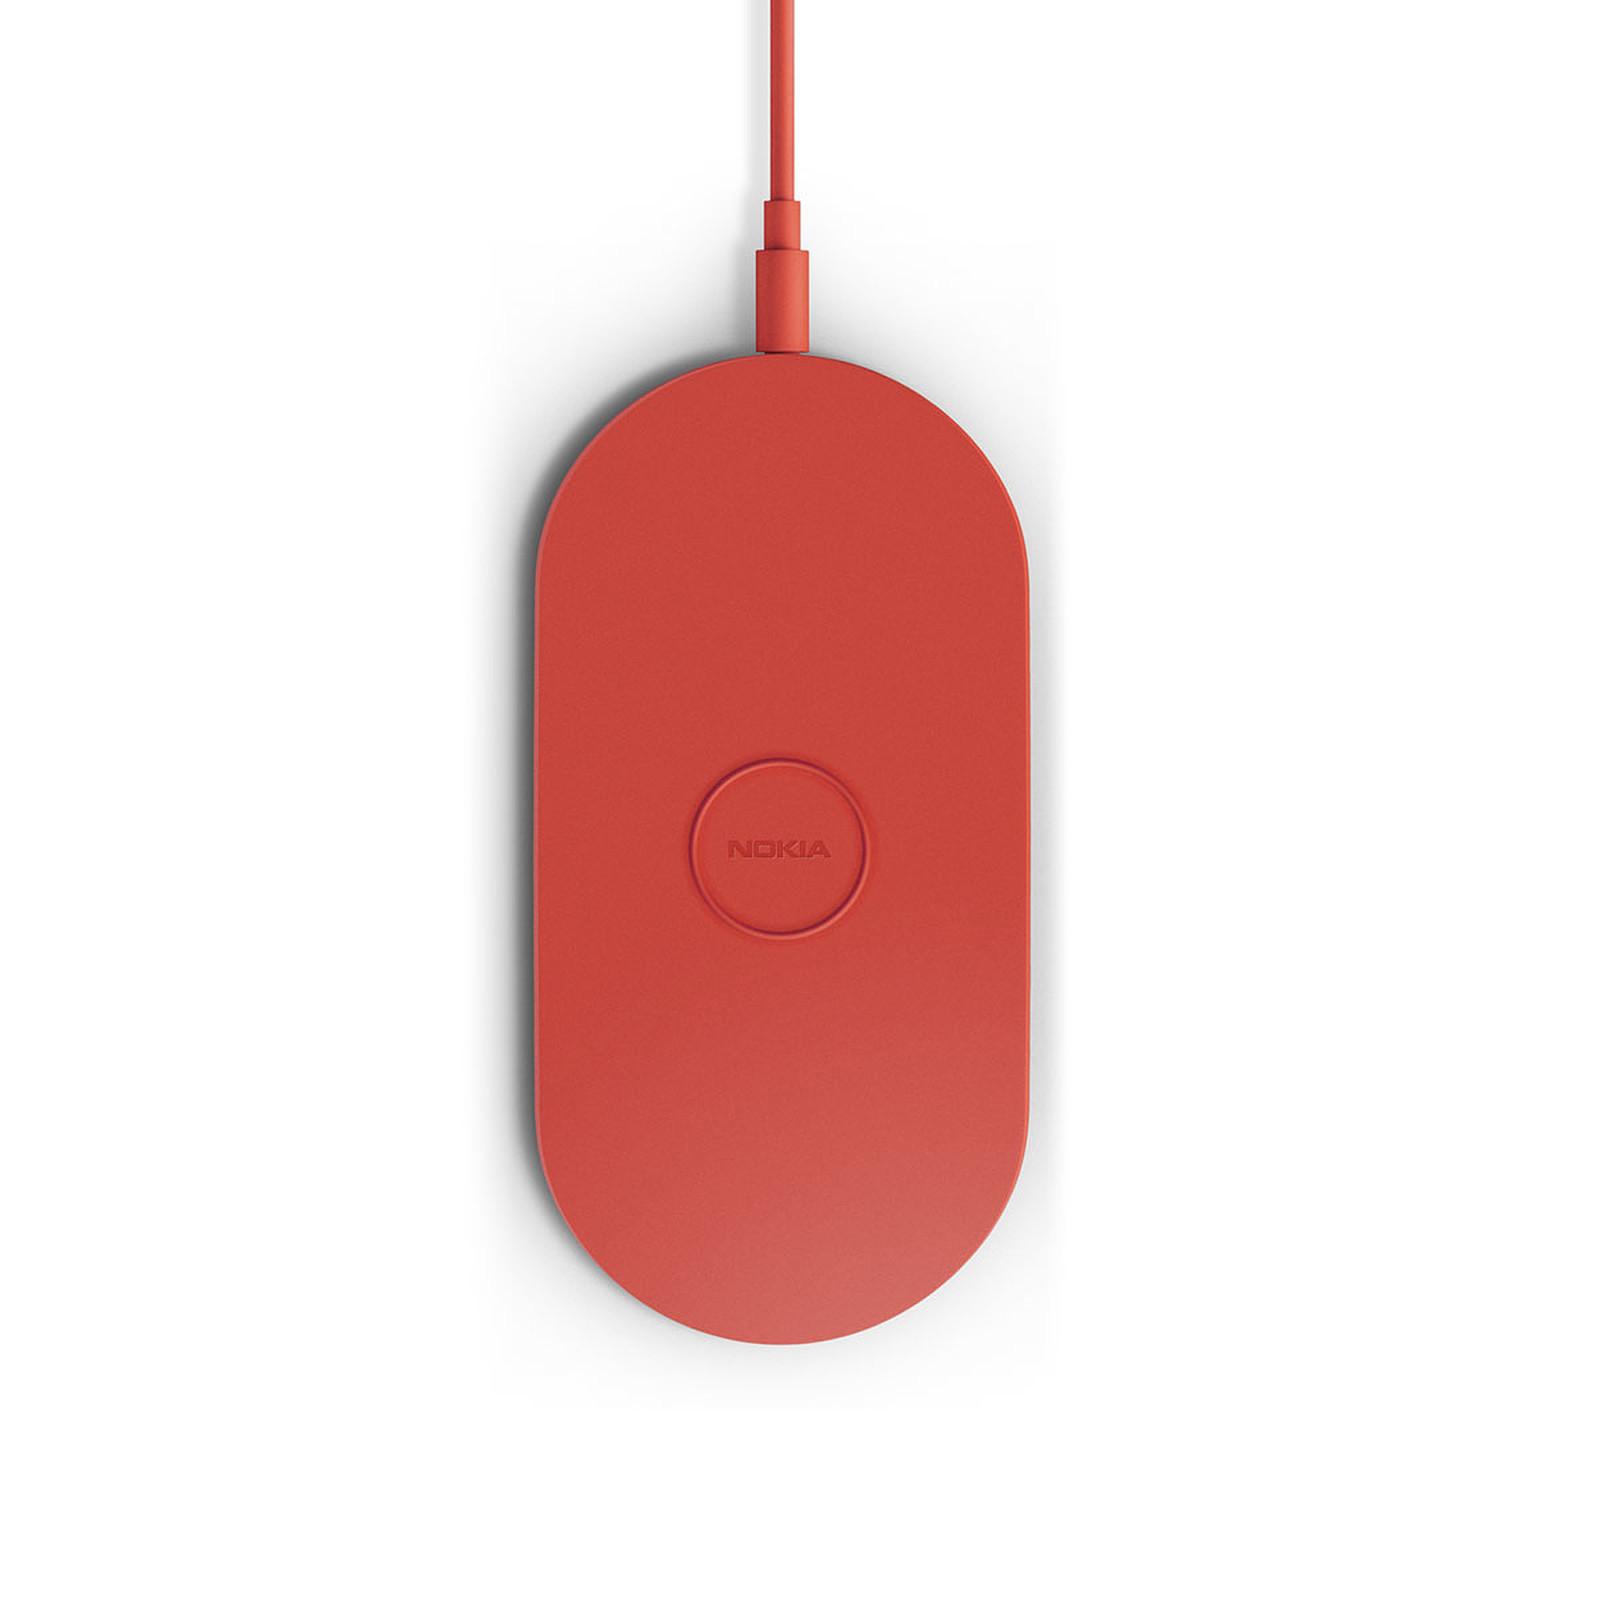 Nokia Socle de chargement sans fil DT900 Rouge